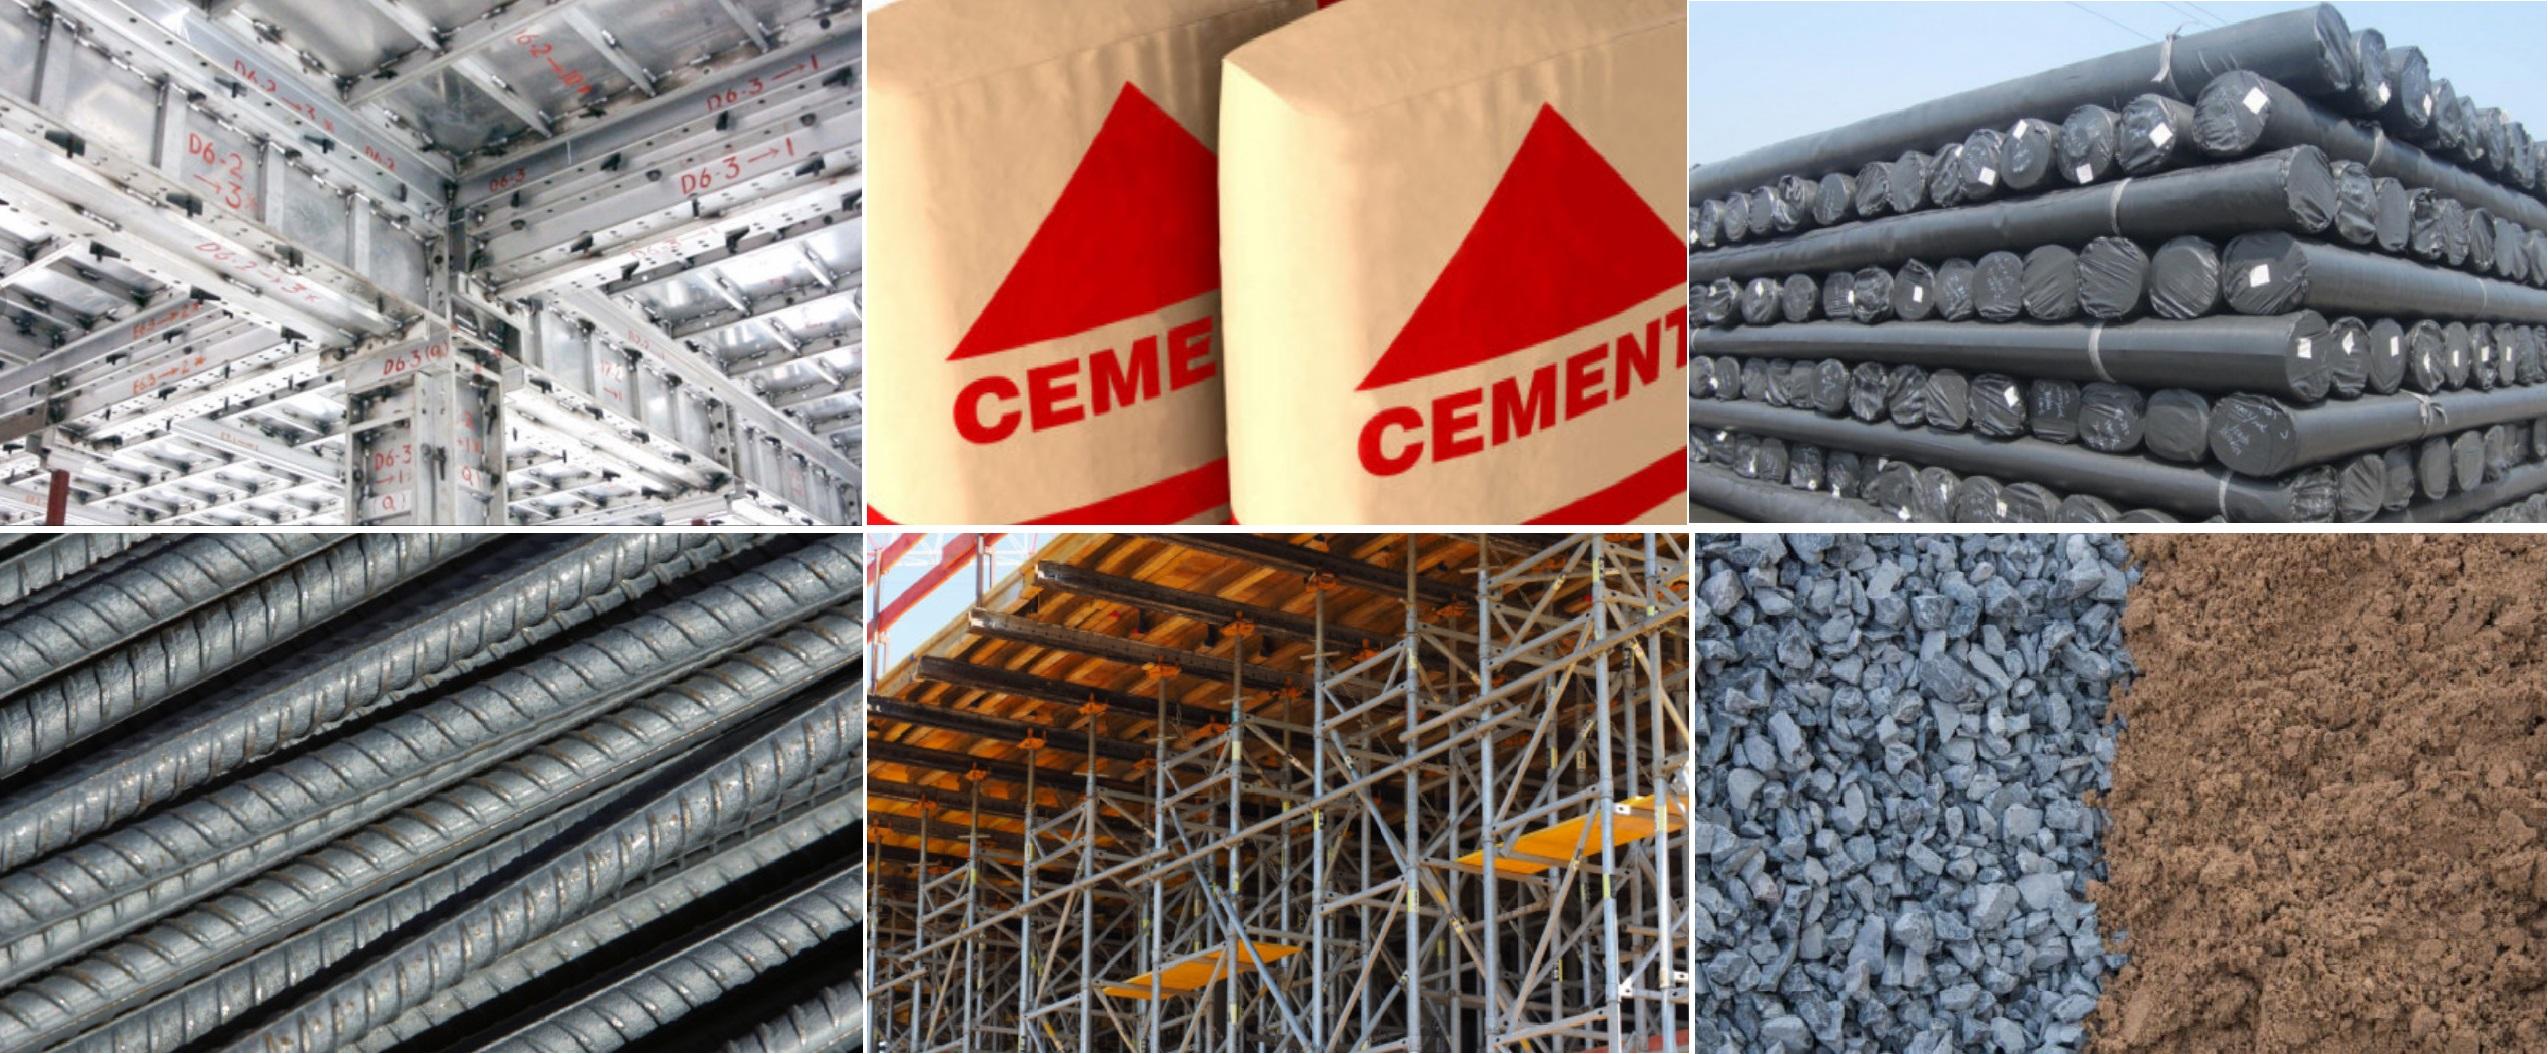 Dunbon Provides Procurement Services. Construction Materials: Formwork,Wood,Cement,Rebar,etc.